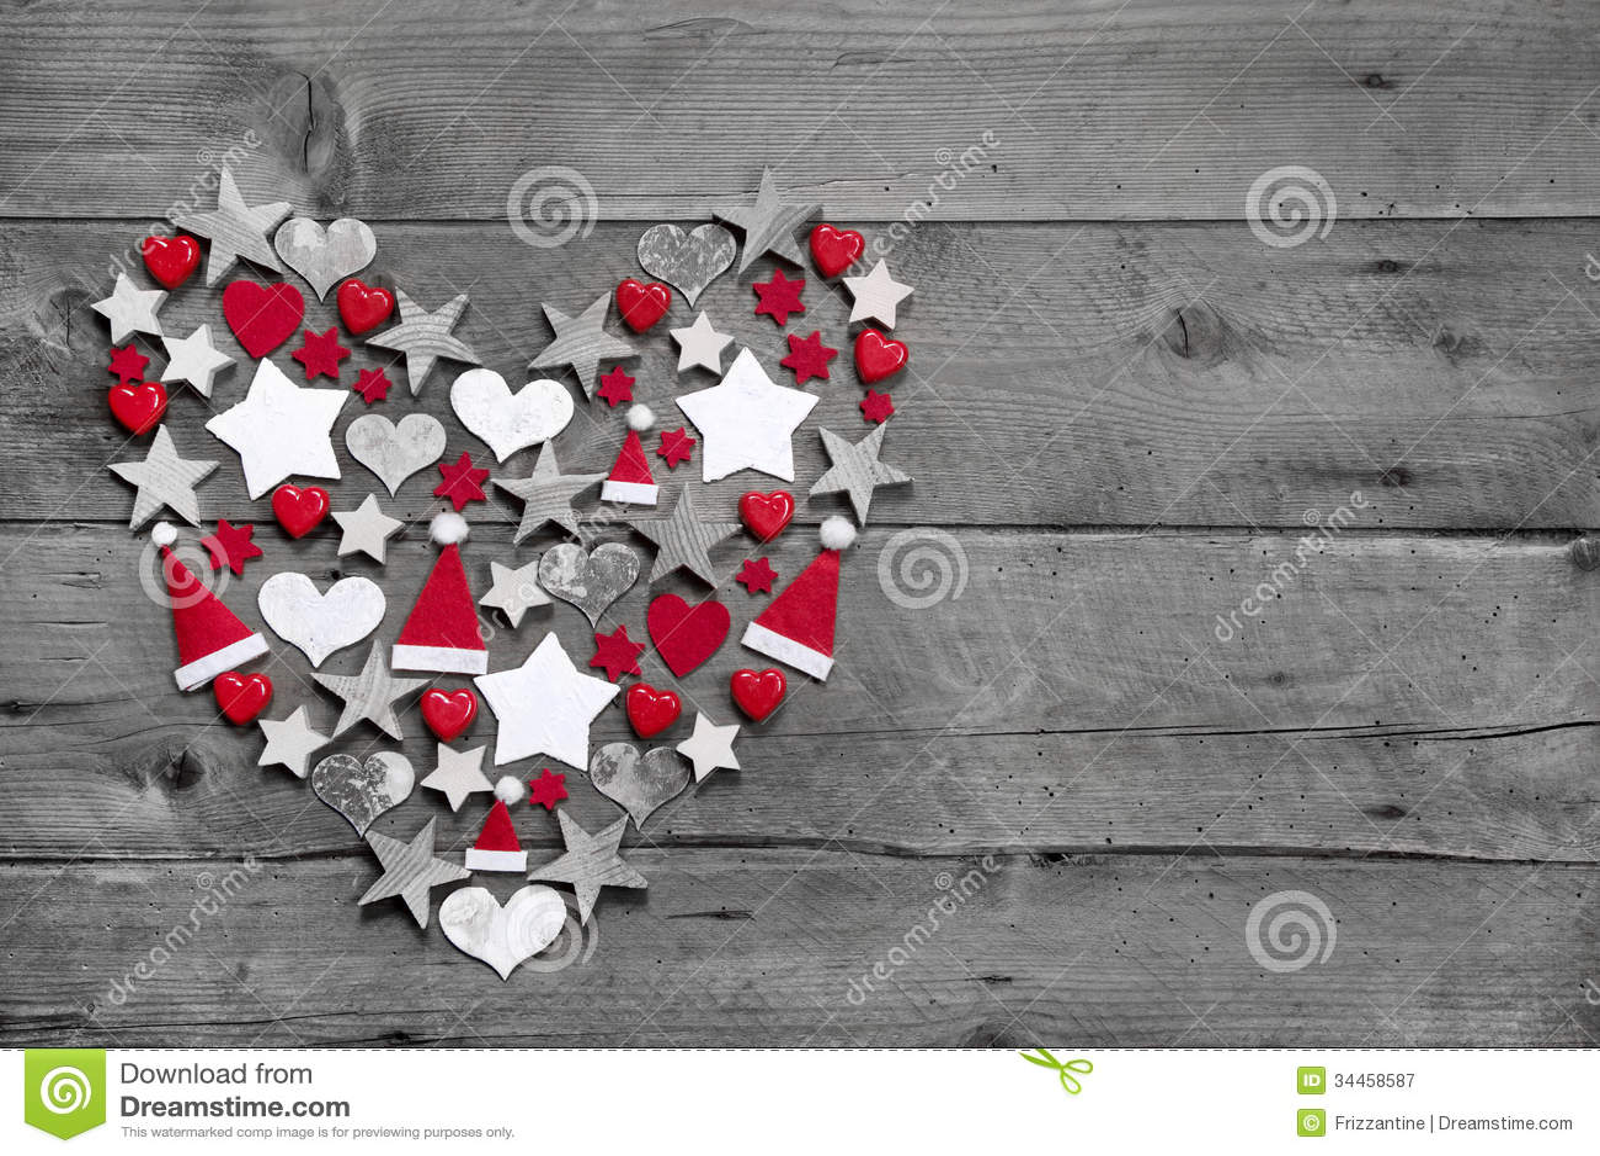 La d coration de no l a form le coeur sur le fond en bois for Deco en forme de coeur